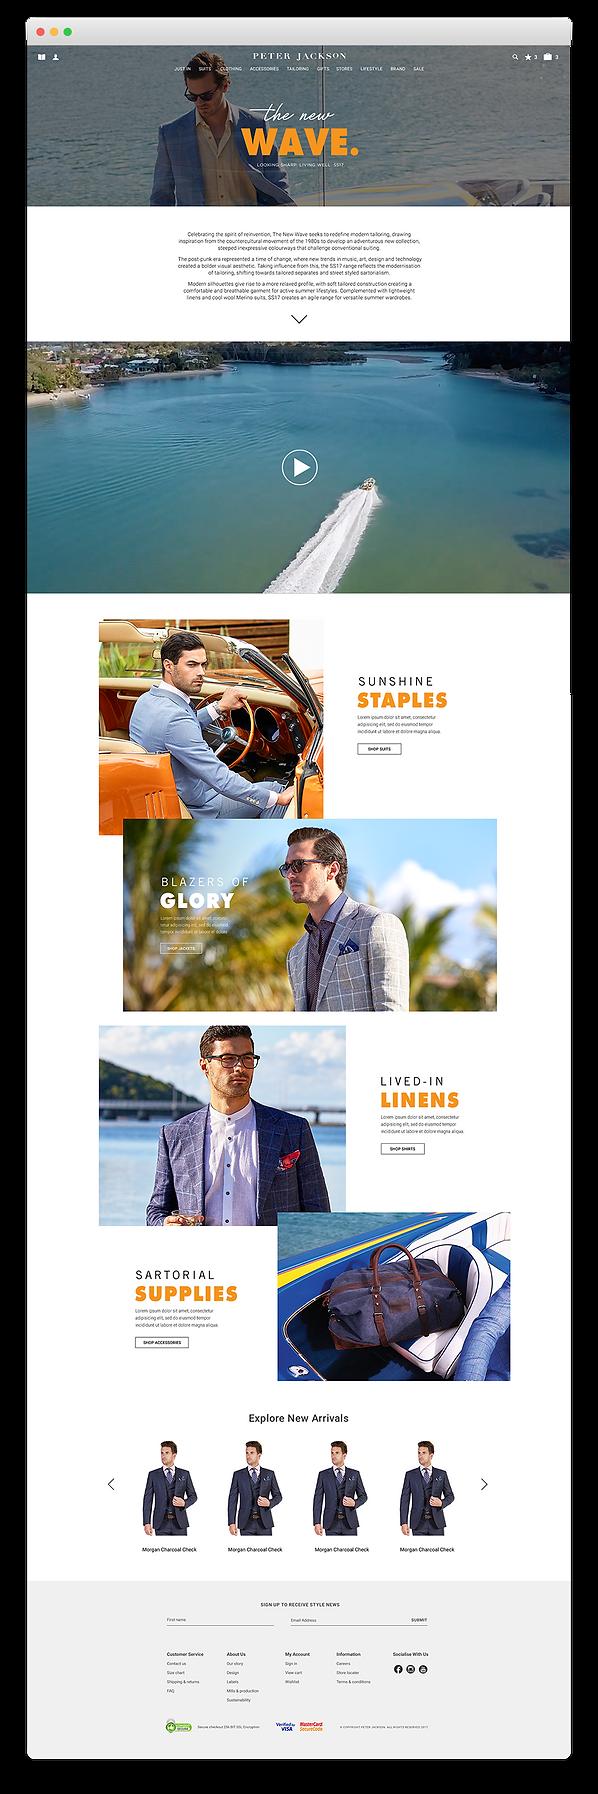 ss17-landing-page-desktop.png